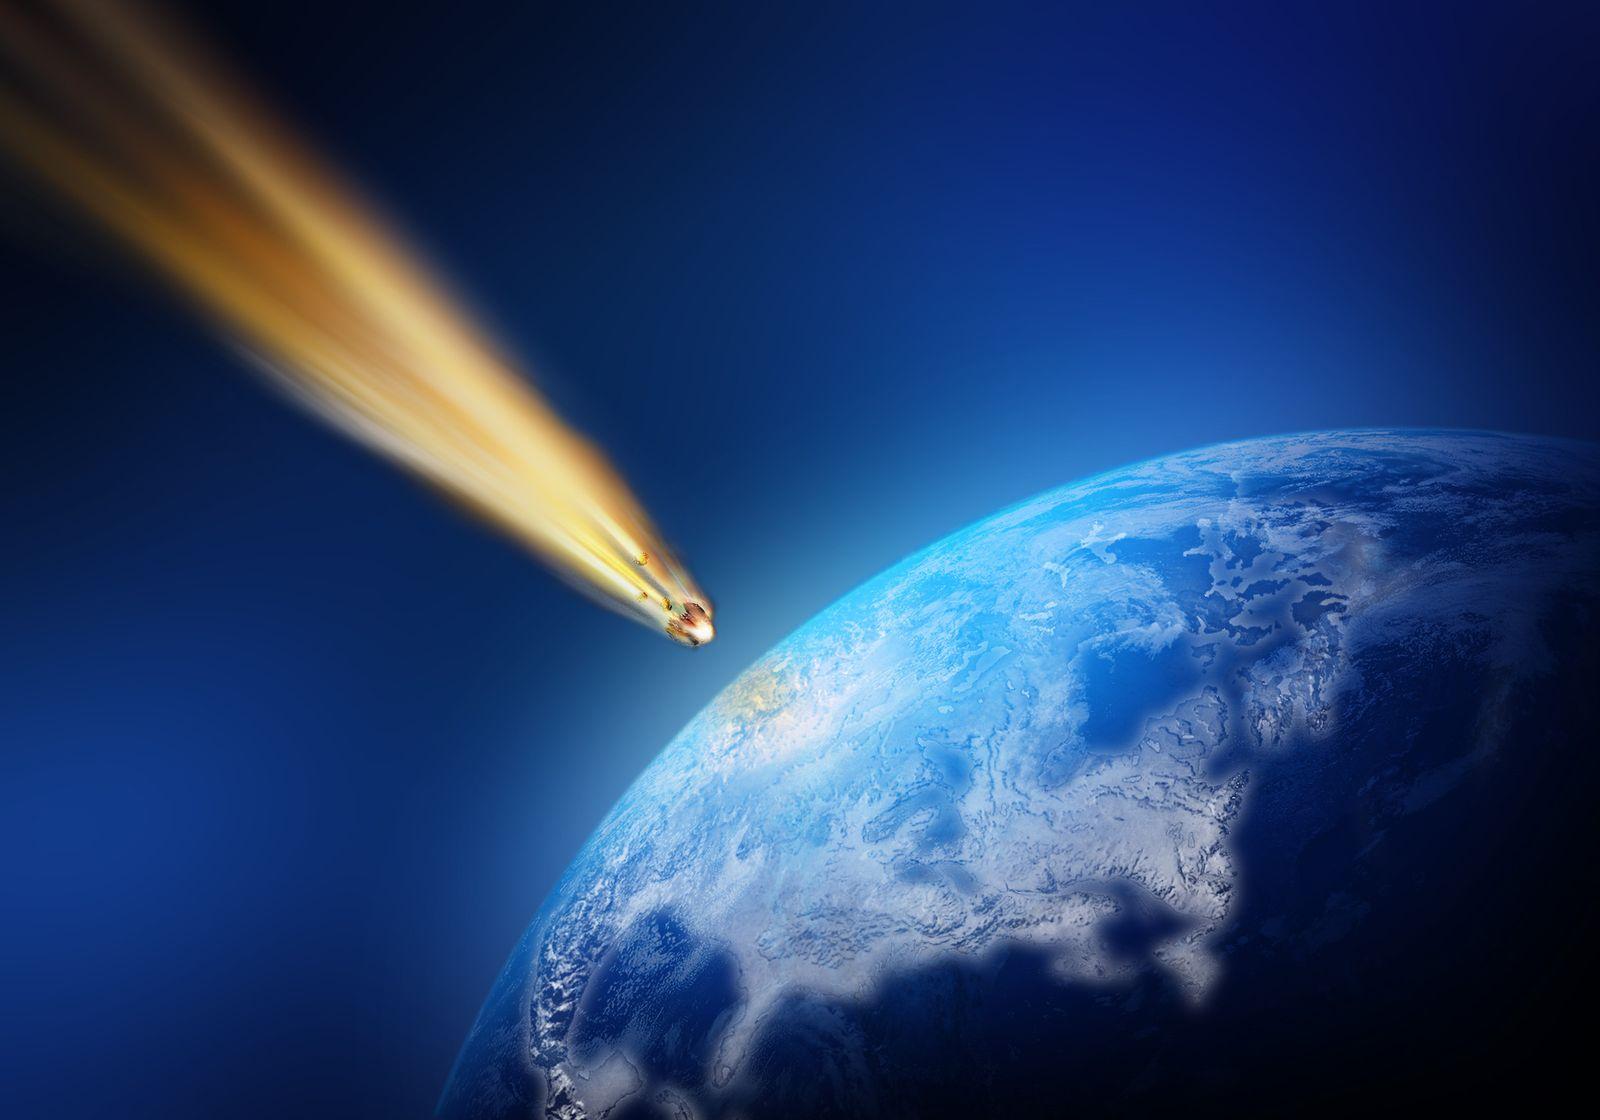 NICHT MEHR VERWENDEN! - Meteorit / Erde